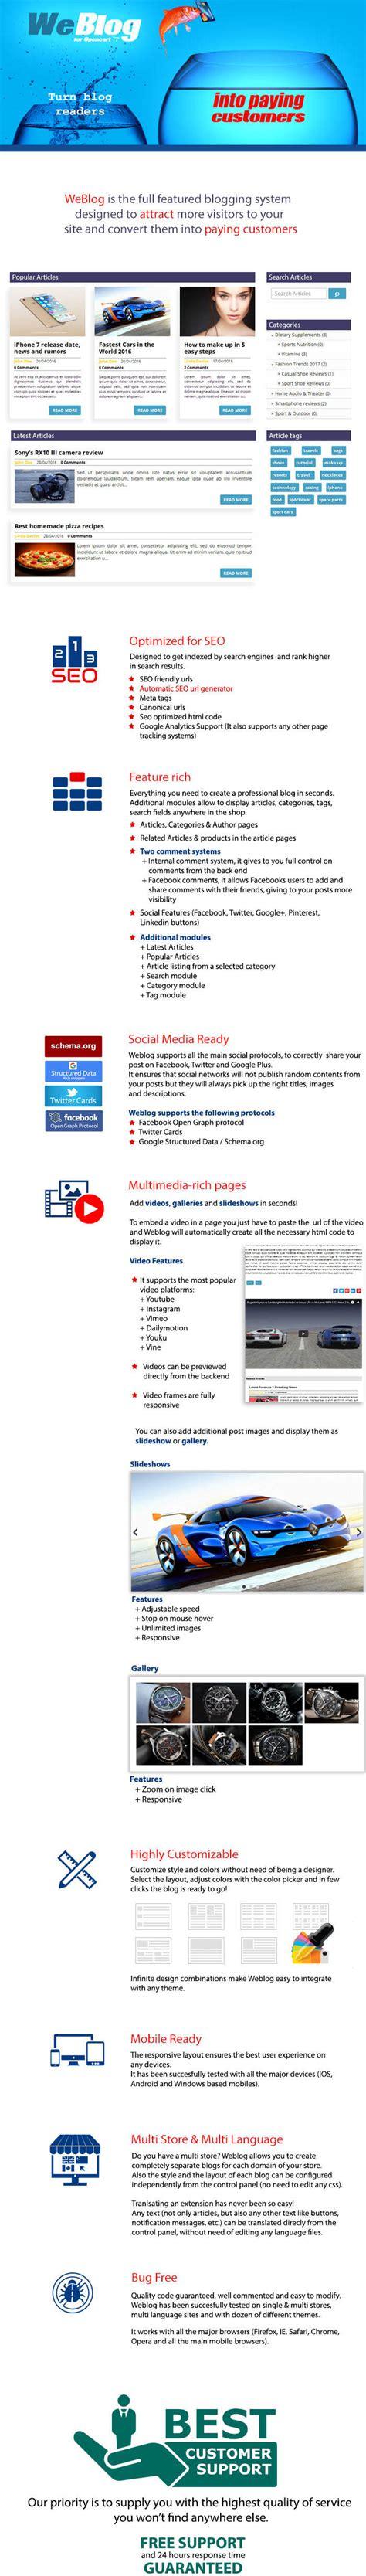 Opencart Weblog Full Featured Blog Discount